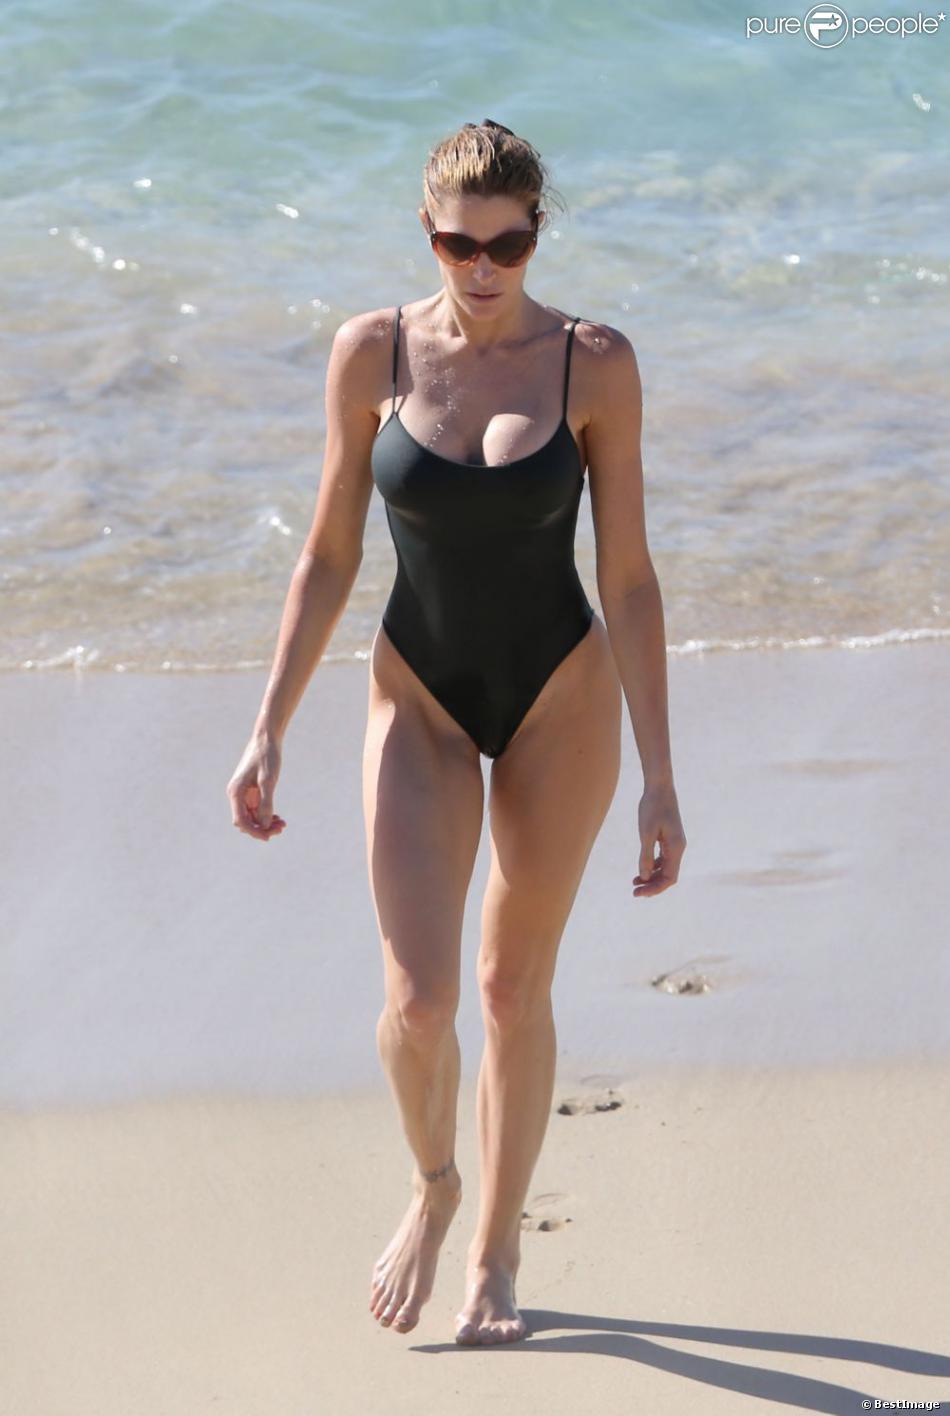 Stephanie Seymour, sublime maman de 44 ans en monokini lors de ses vacances en famille à Saint-Barthélémy. Le  26 décembre 2012.